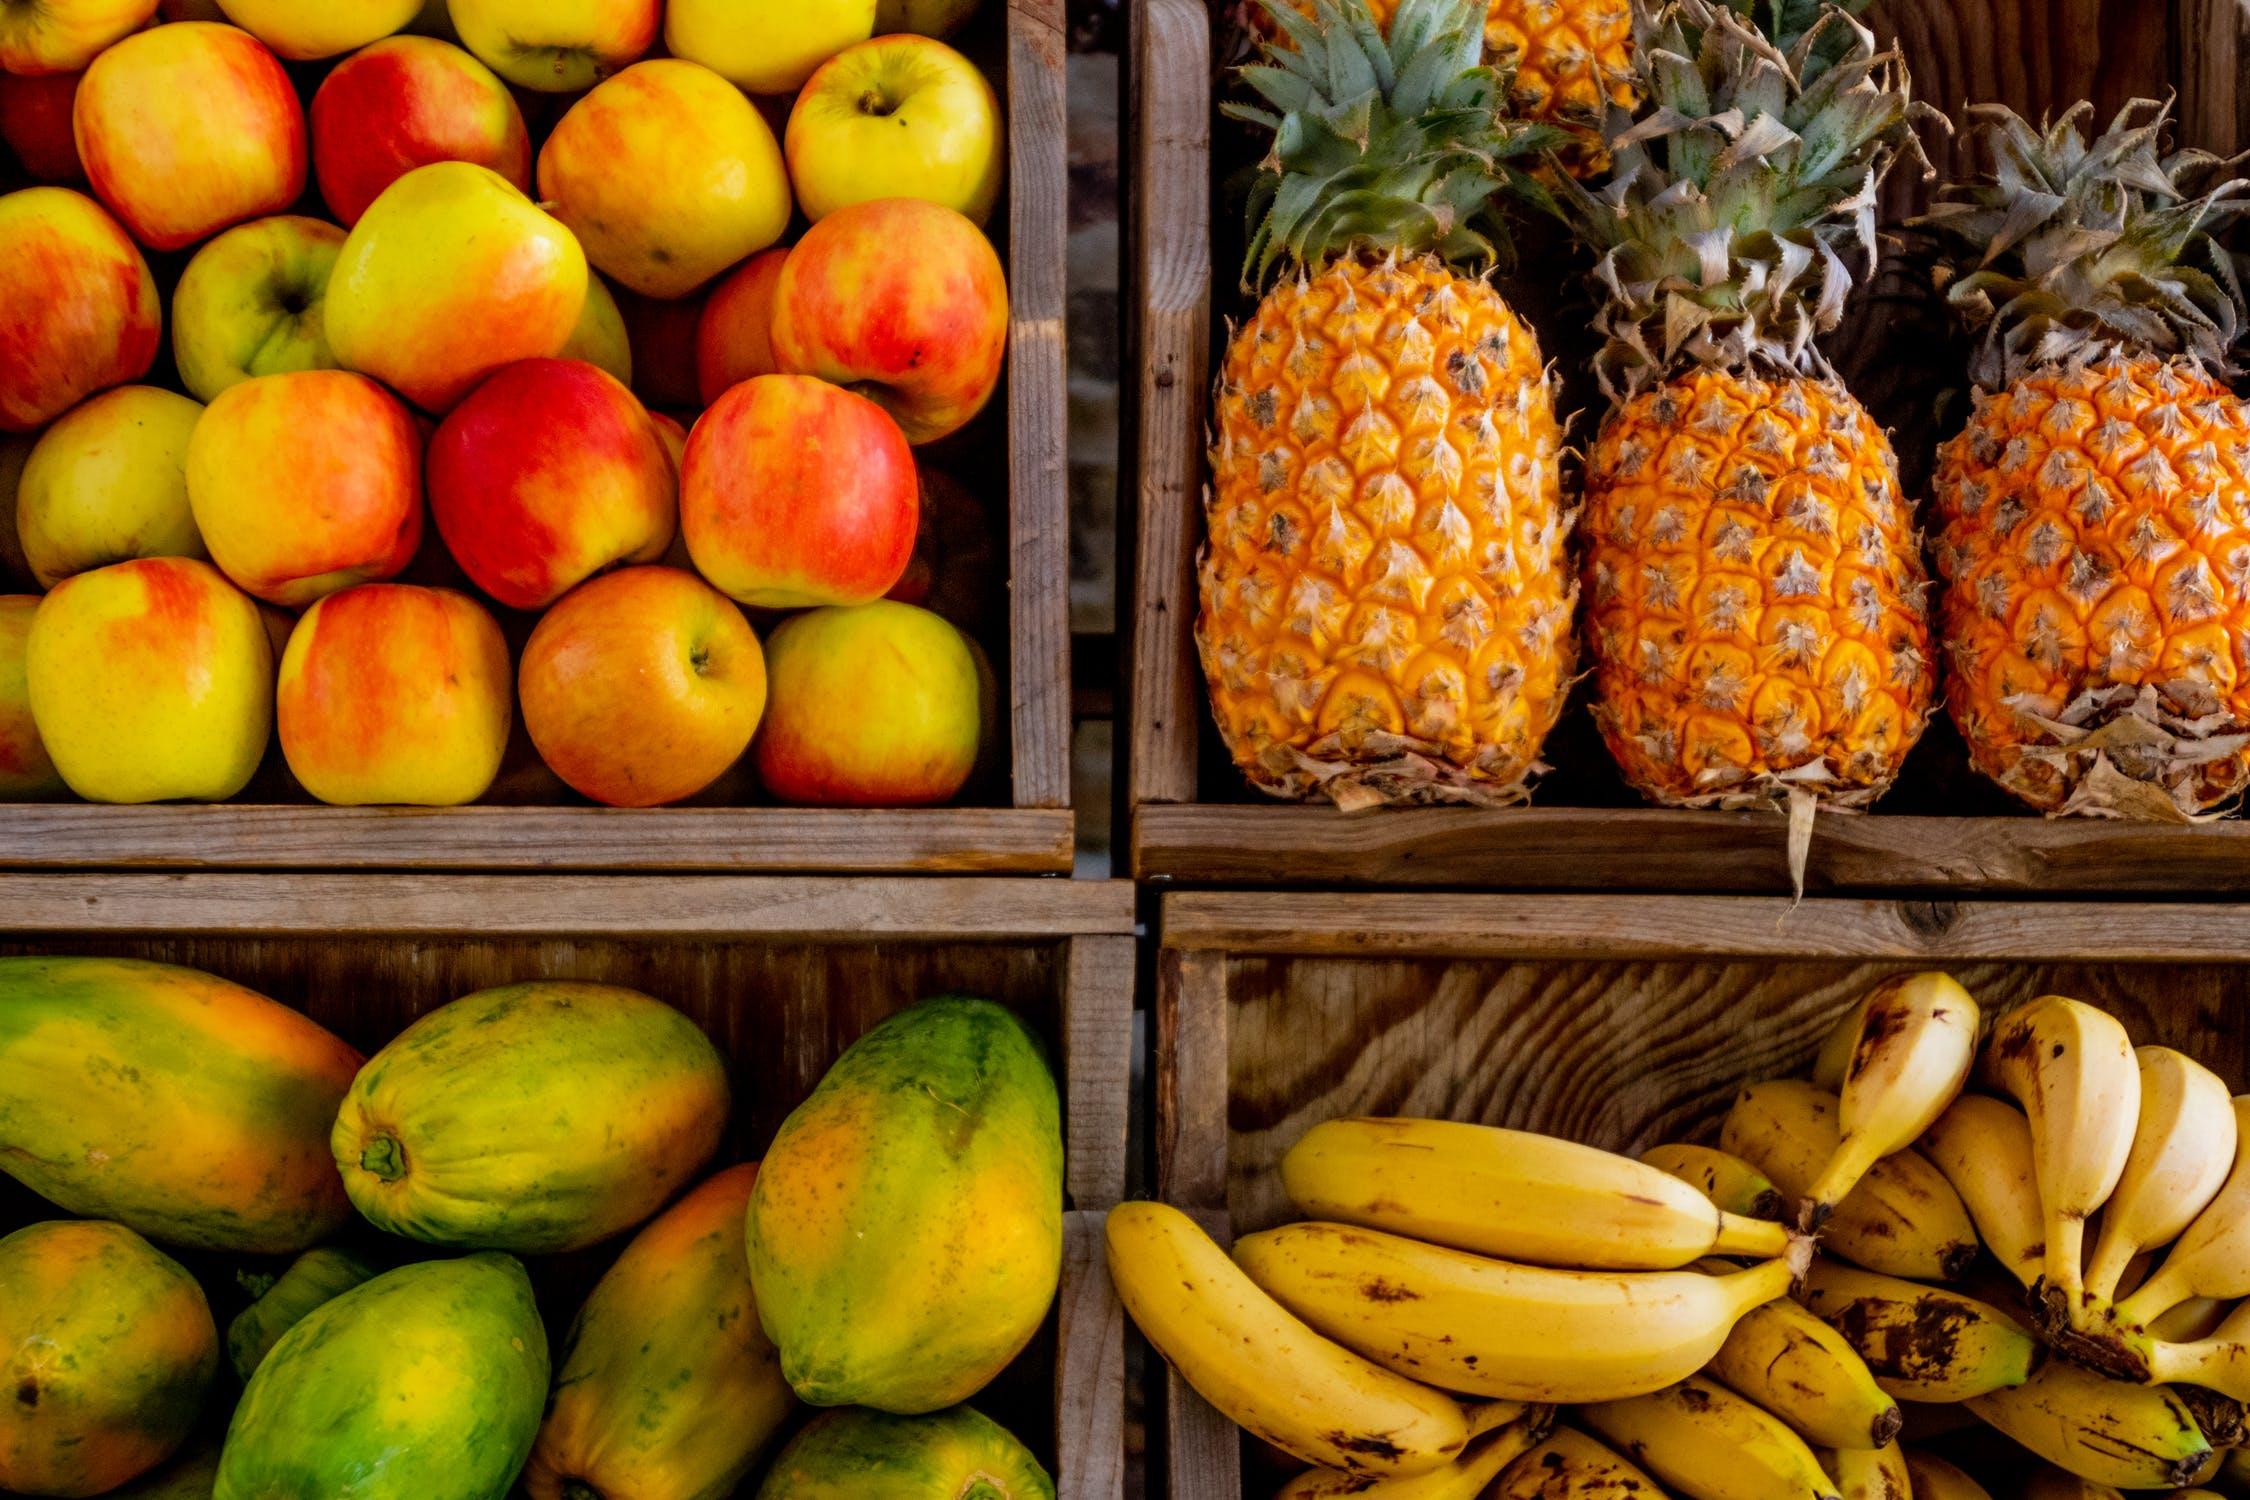 Prečo naše telo potrebuje vitamíny k správnemu fungovaniu?